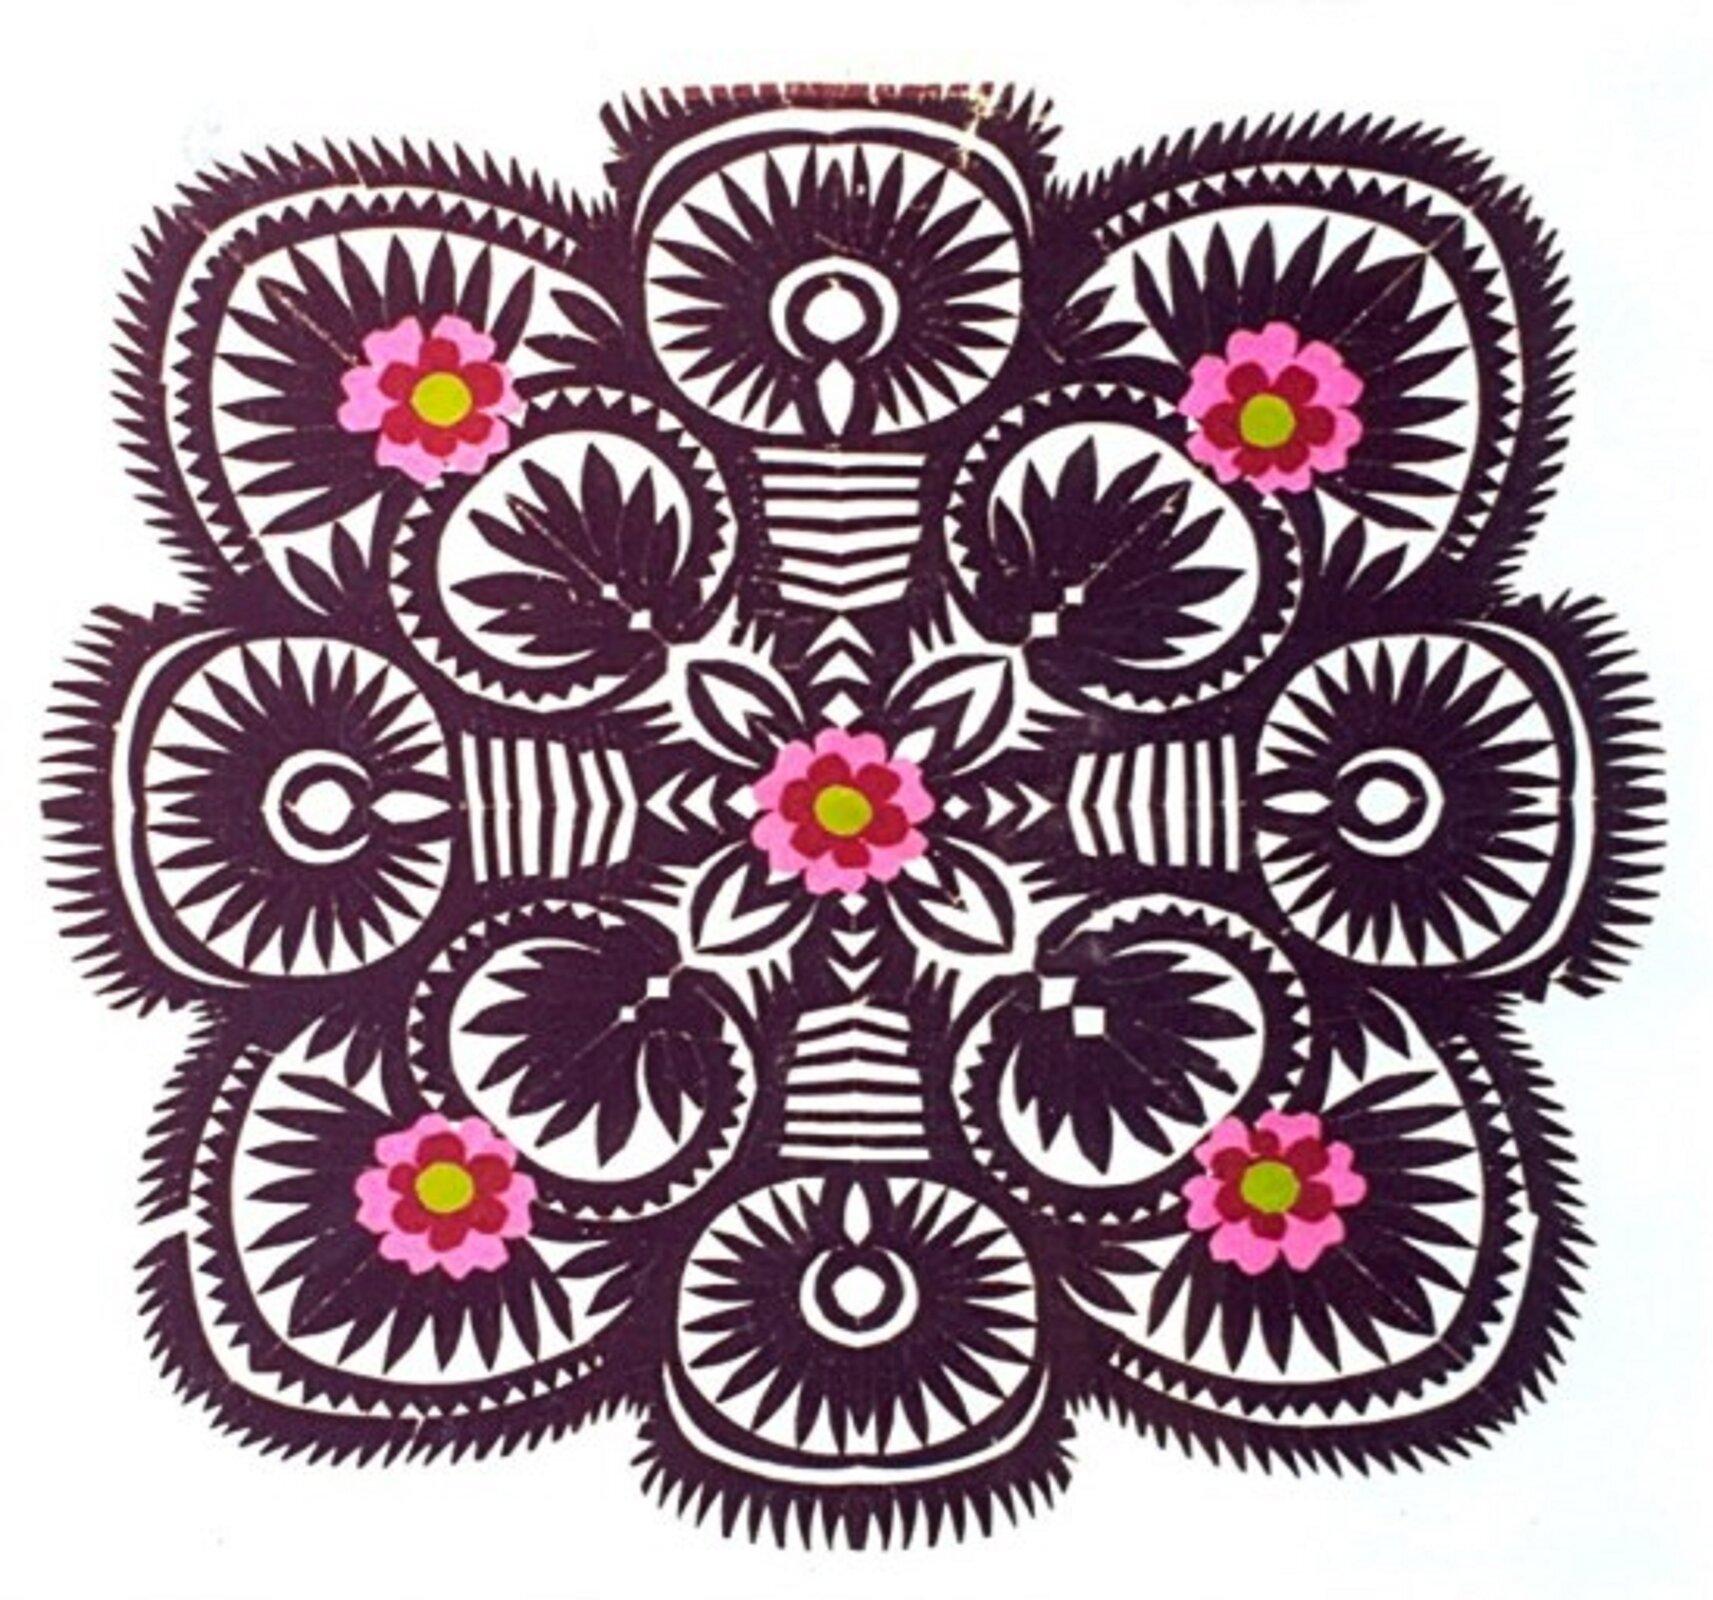 Ilustracja przedstawia sieradzki mazur. Jest to wzór wycinaki wkolorze ciemno-brązowym omotywie roślinnym. Składa się zwielu okrągłych lub półokrągłych części wśrodku których są kwiaty lub liście. Na wzorze wyróżnić można pięć kwiatów rozmieszczonych wrogach icentralnym punkcie, które są innego koloru niż całość. Płatki są różowo-czerwone, aśrodek żółty.